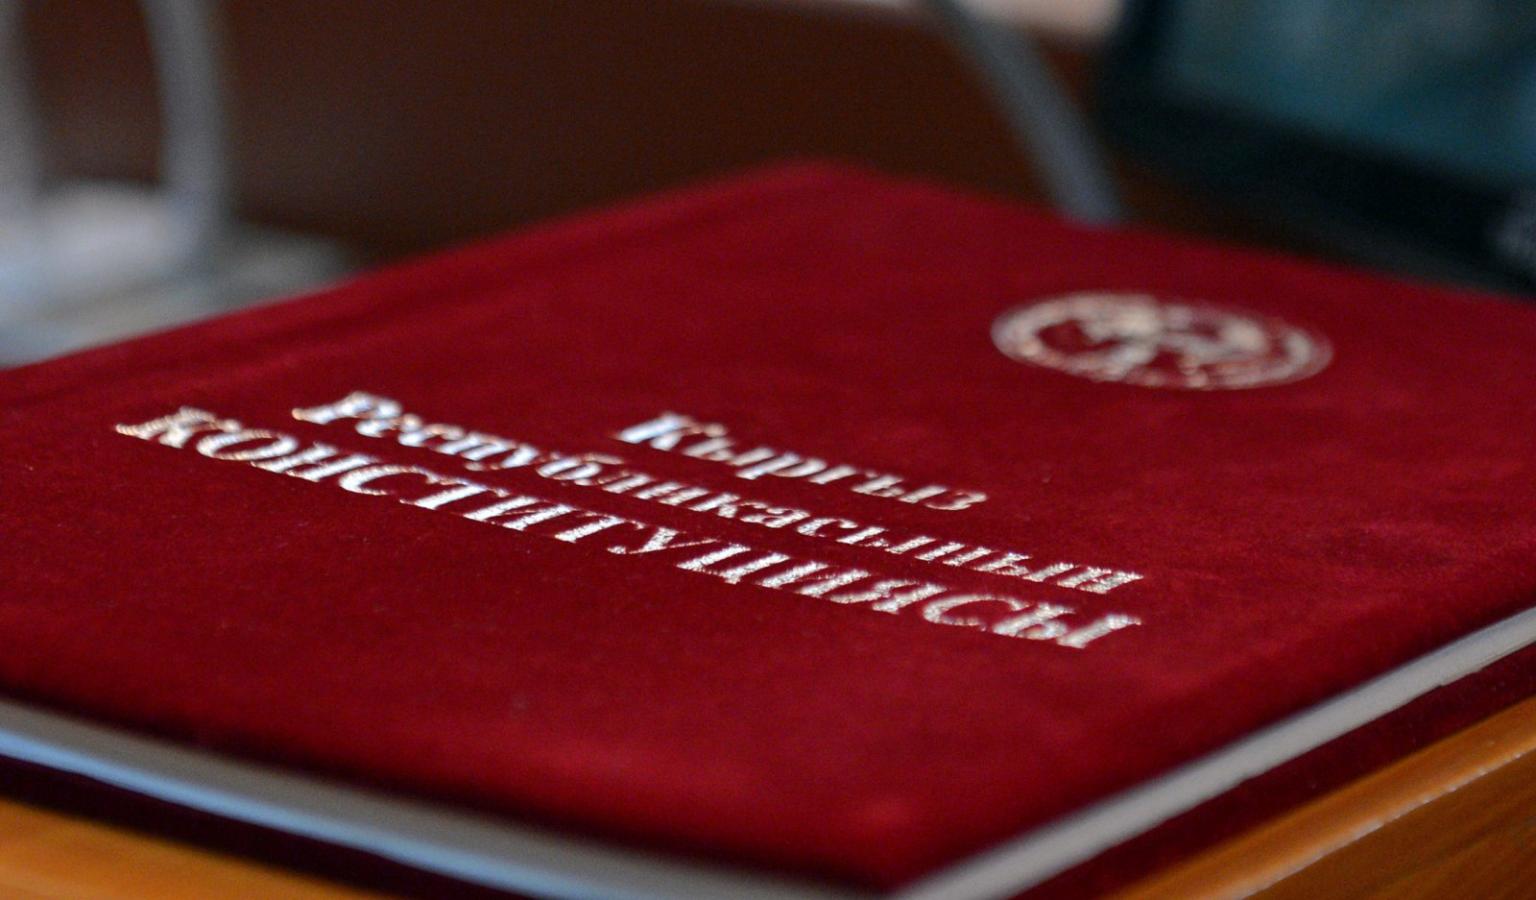 Проект новой Конституции ещё не поступил в парламент, он на лингвистической экспертизе — пресс-служба ЖК